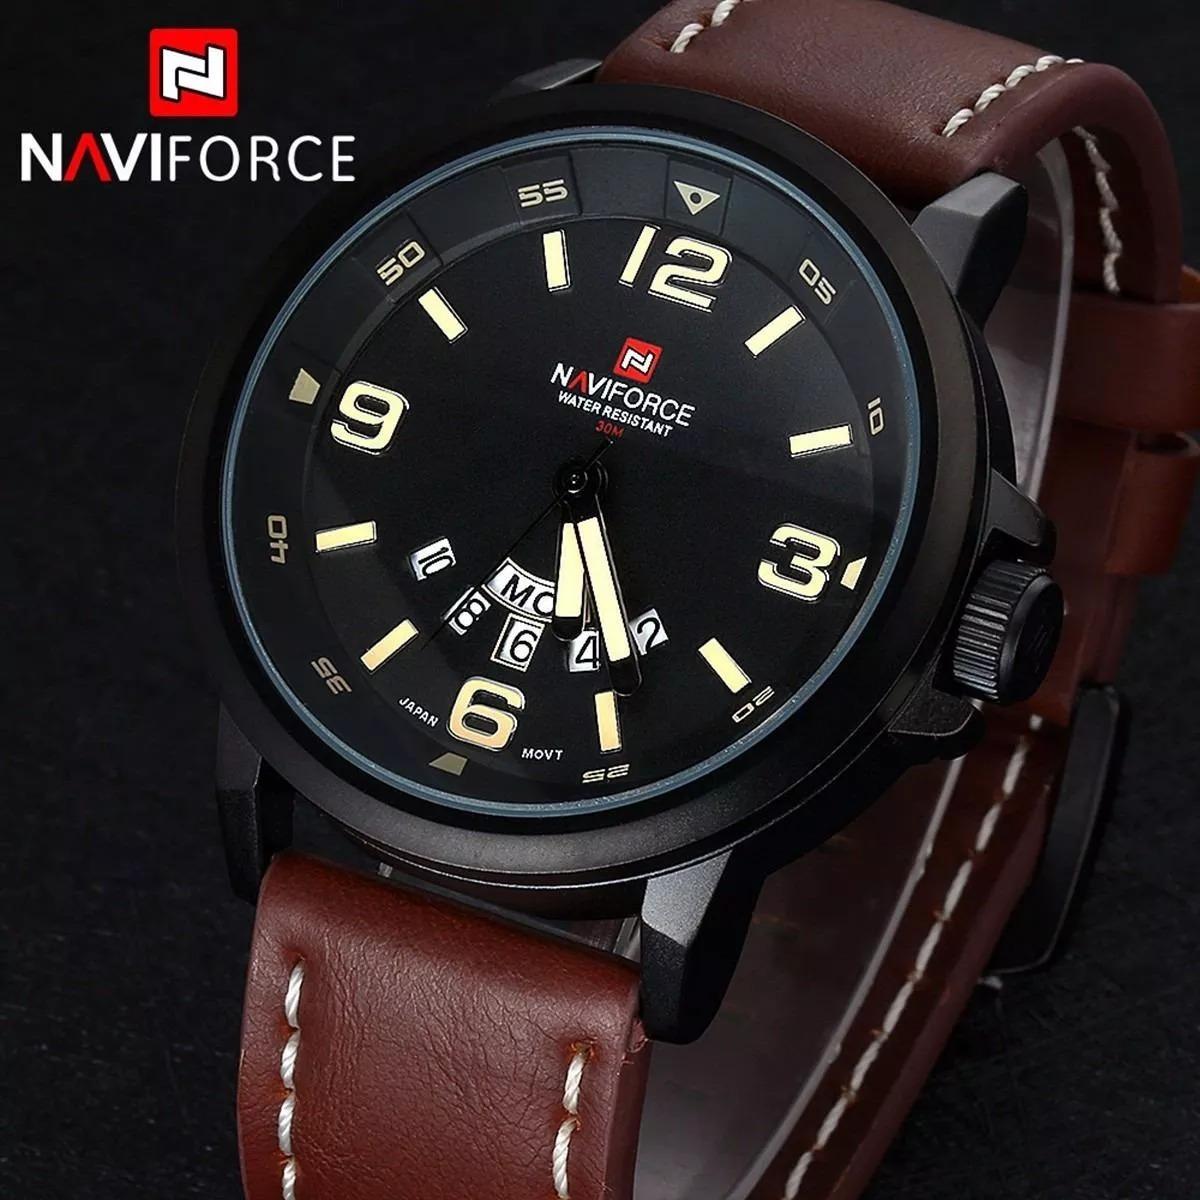 ad8c994e481 relógio naviforce original modelo 9028-1 marrom militar. Carregando zoom.